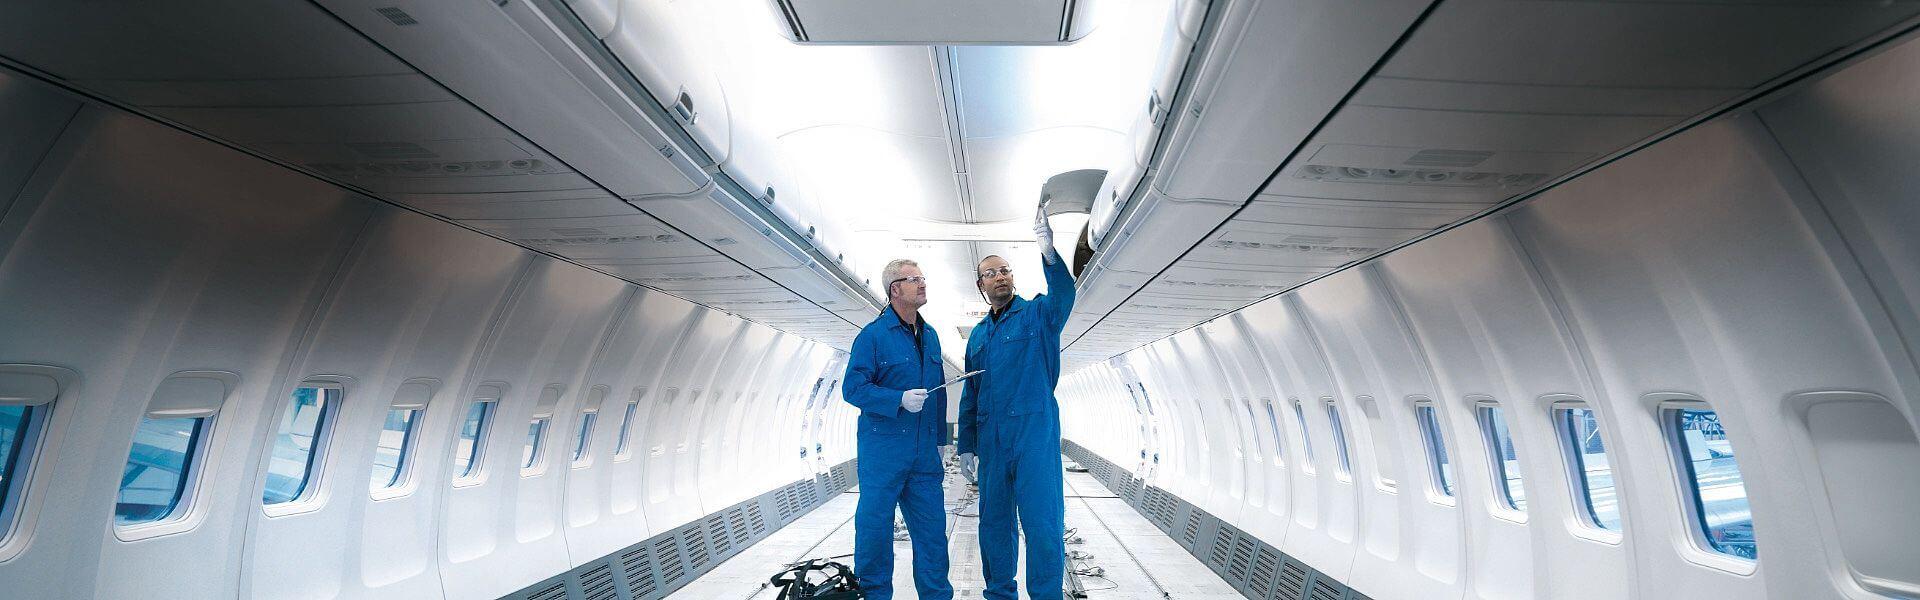 Flugzeugbauer von Aviation Technical Services bei der Arbeit